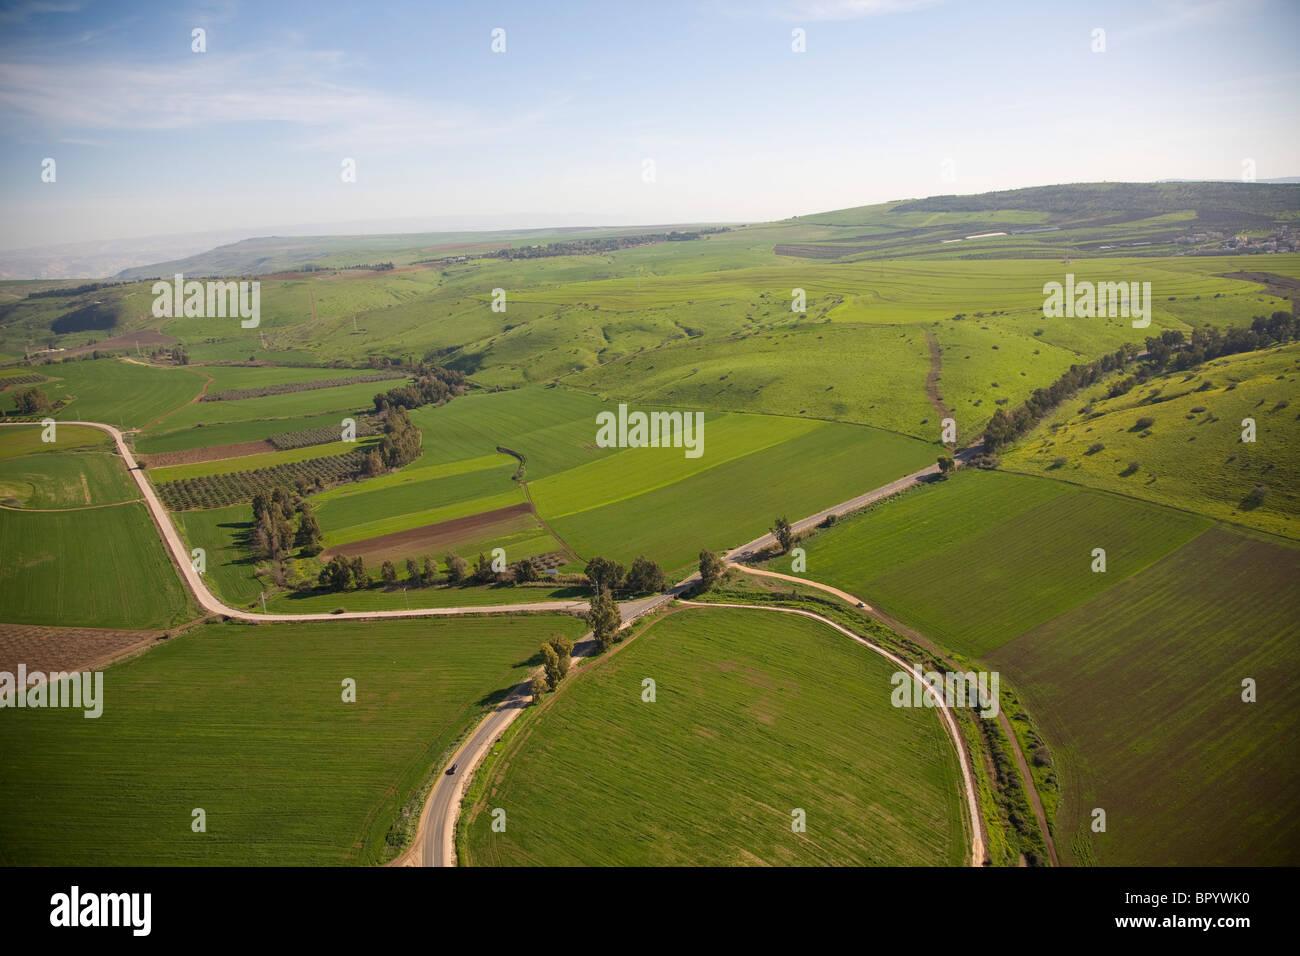 Vista astratta dell'agricoltura campi della Galilea Immagini Stock